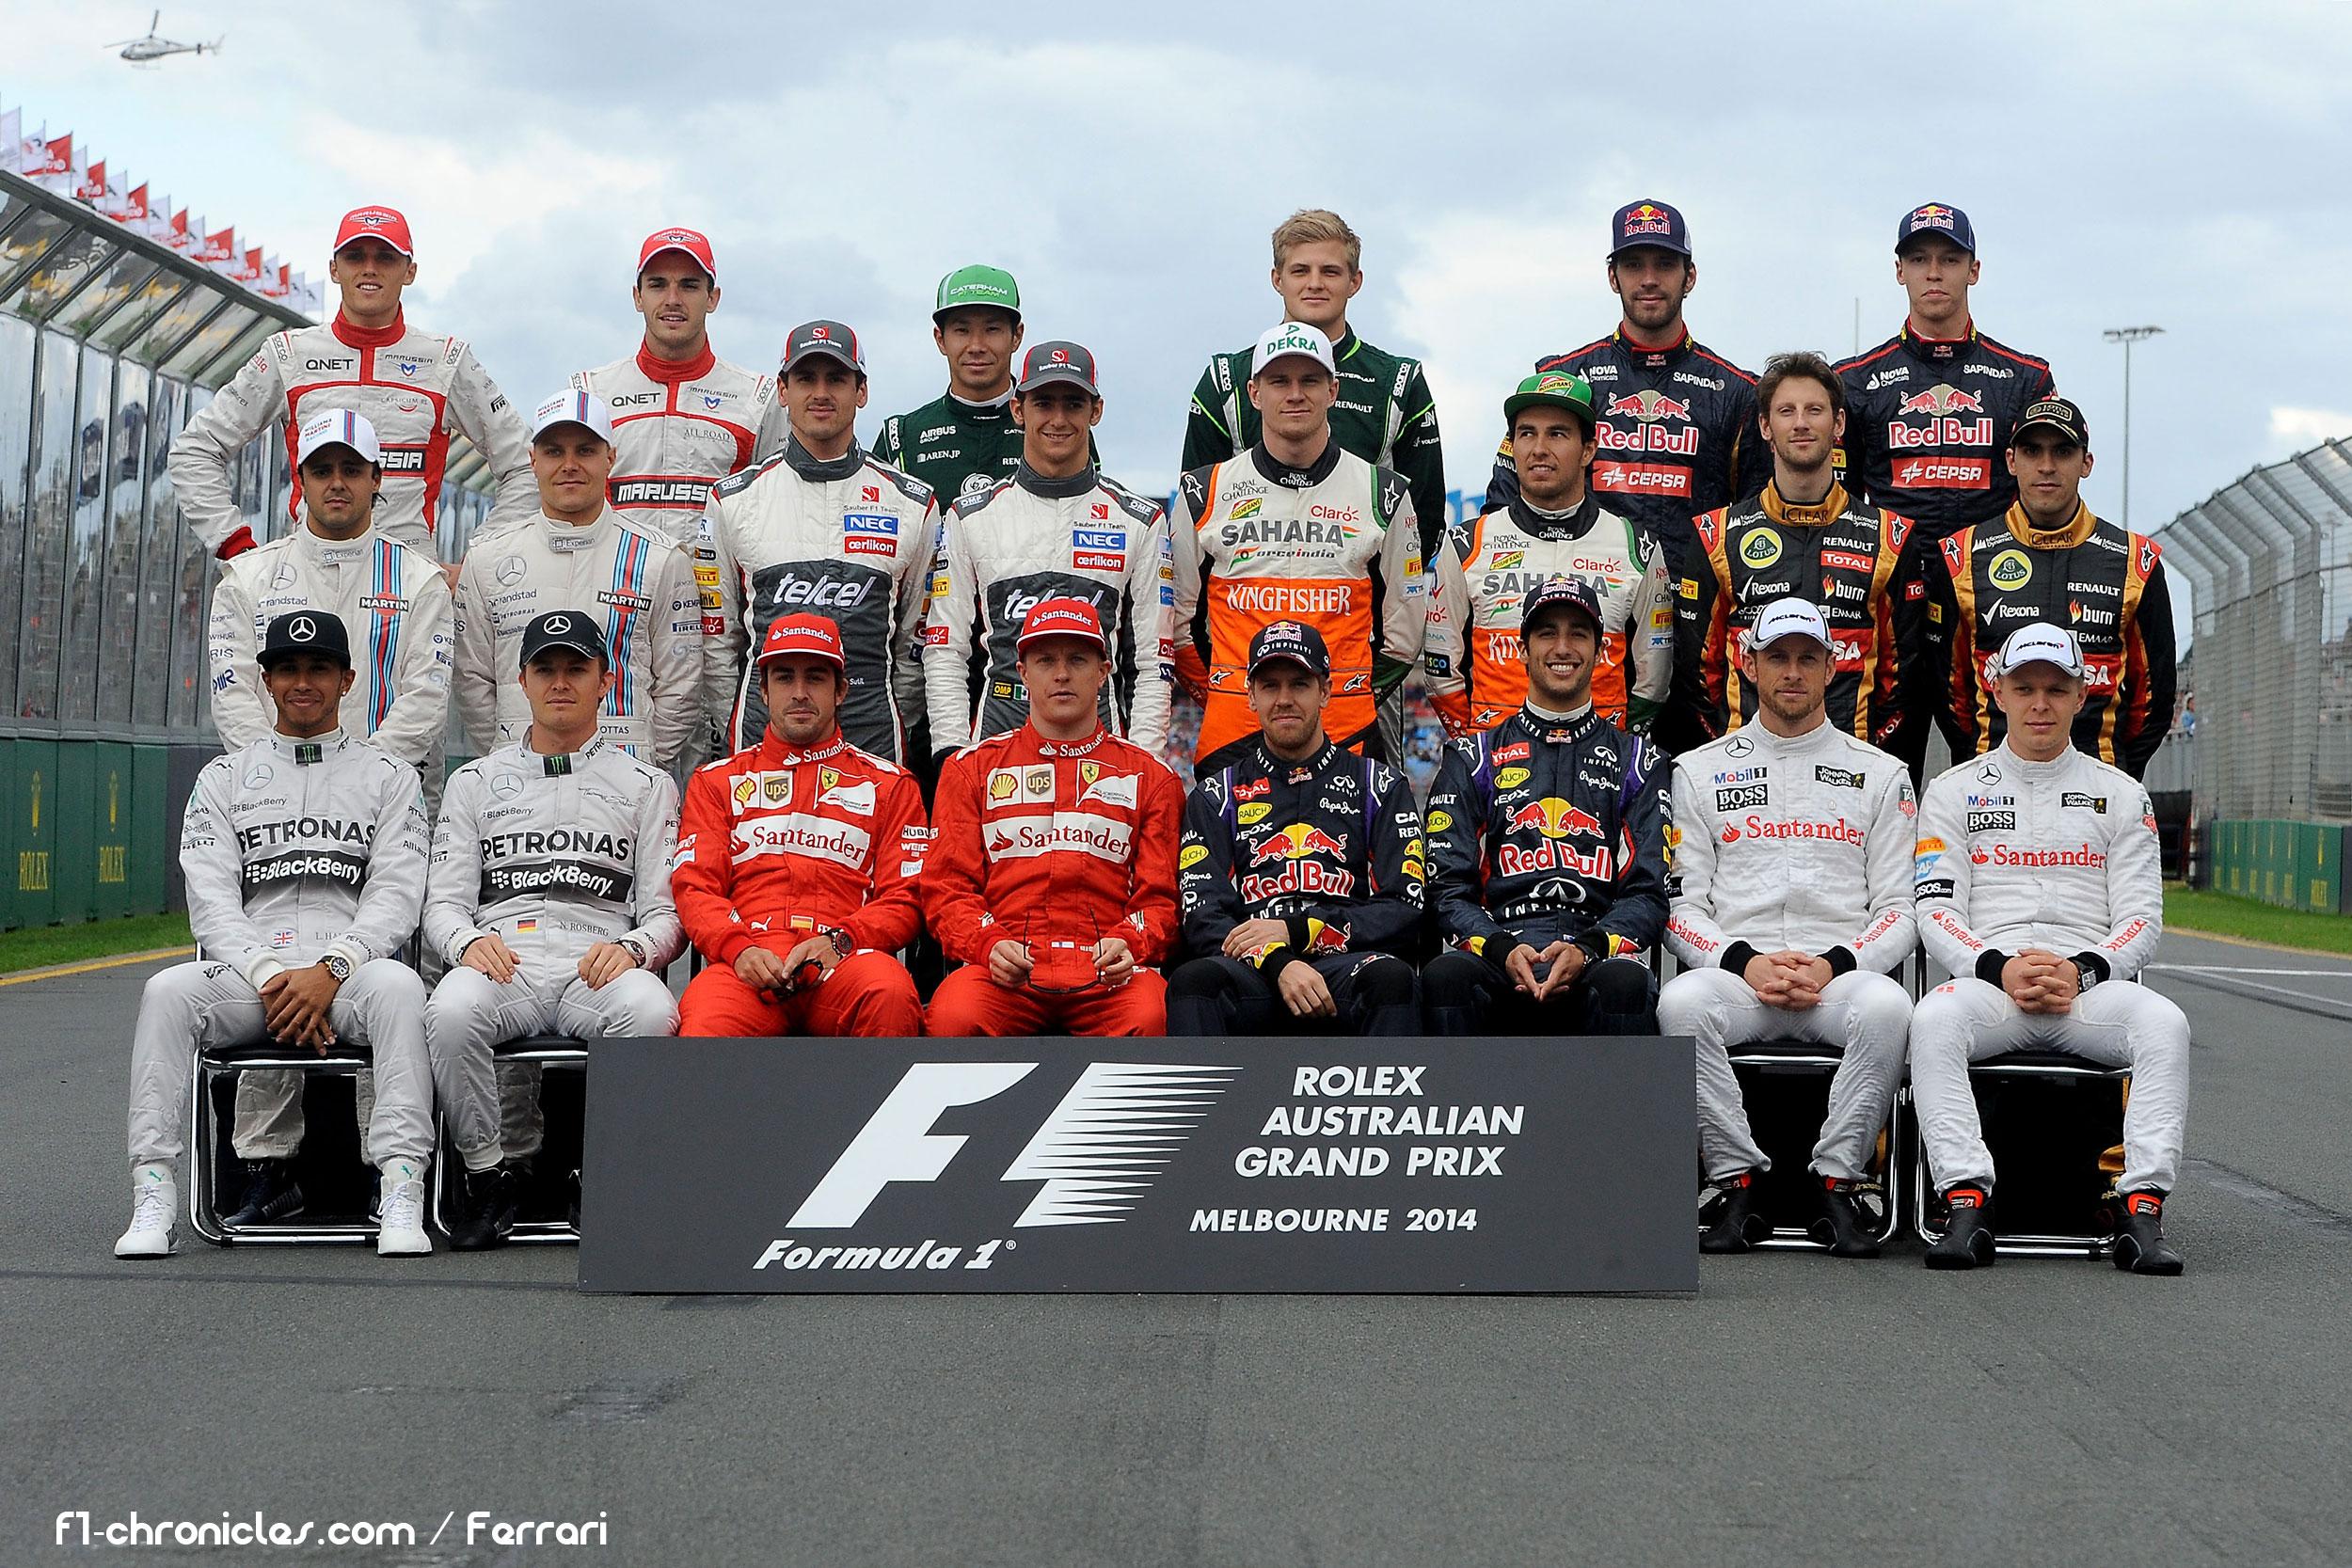 http://superf1.be/spip/IMG/jpg/f1-2014-australie-pilotes-2014.jpg